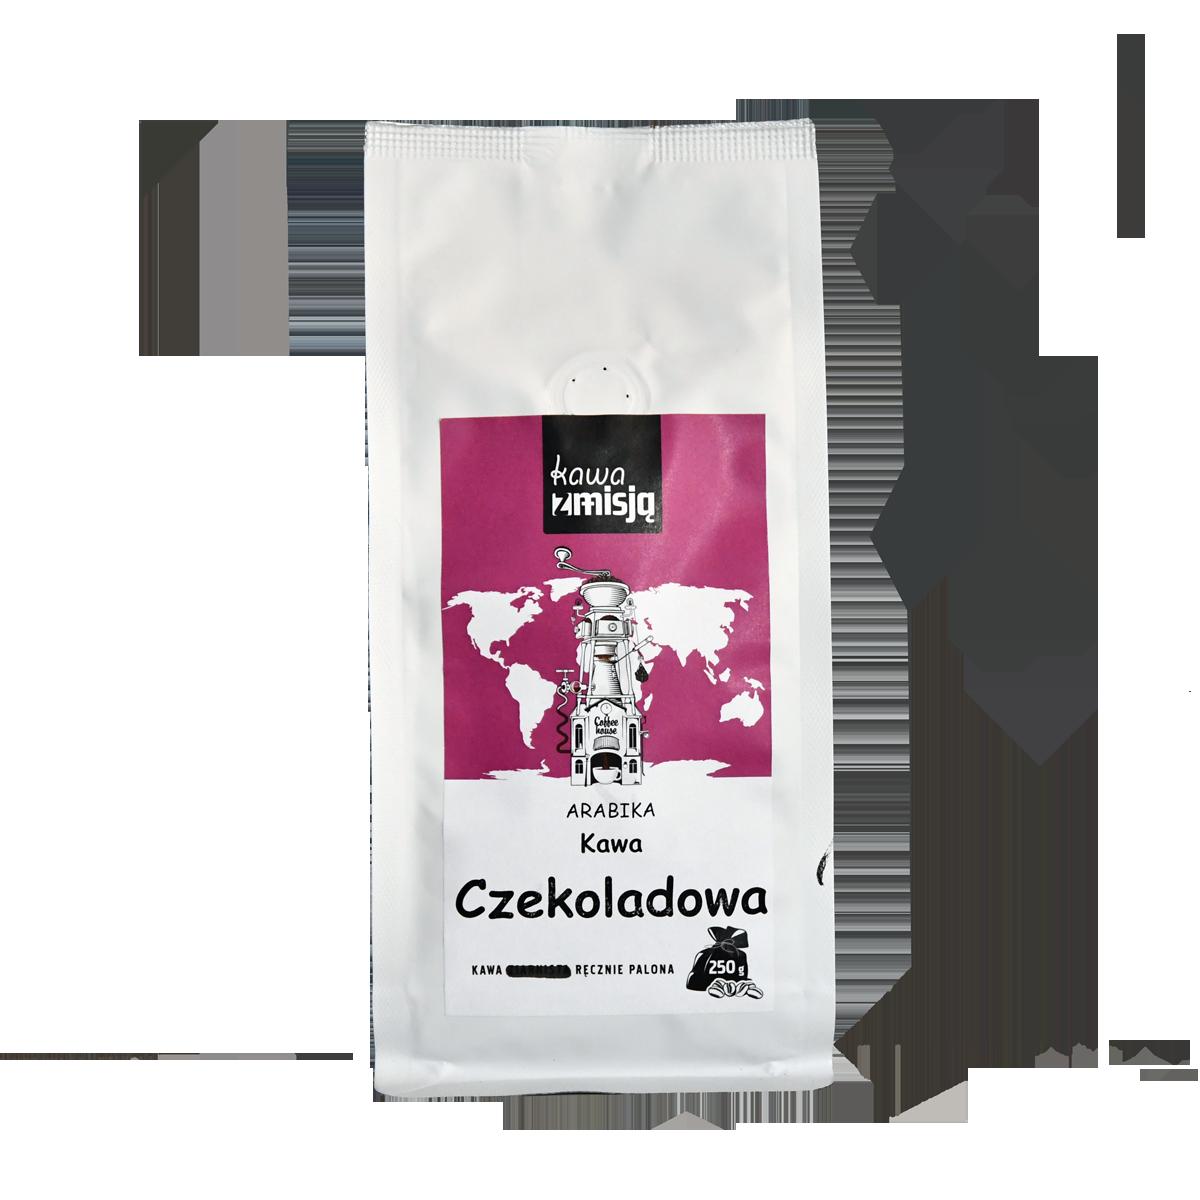 kawa_czekoladowa